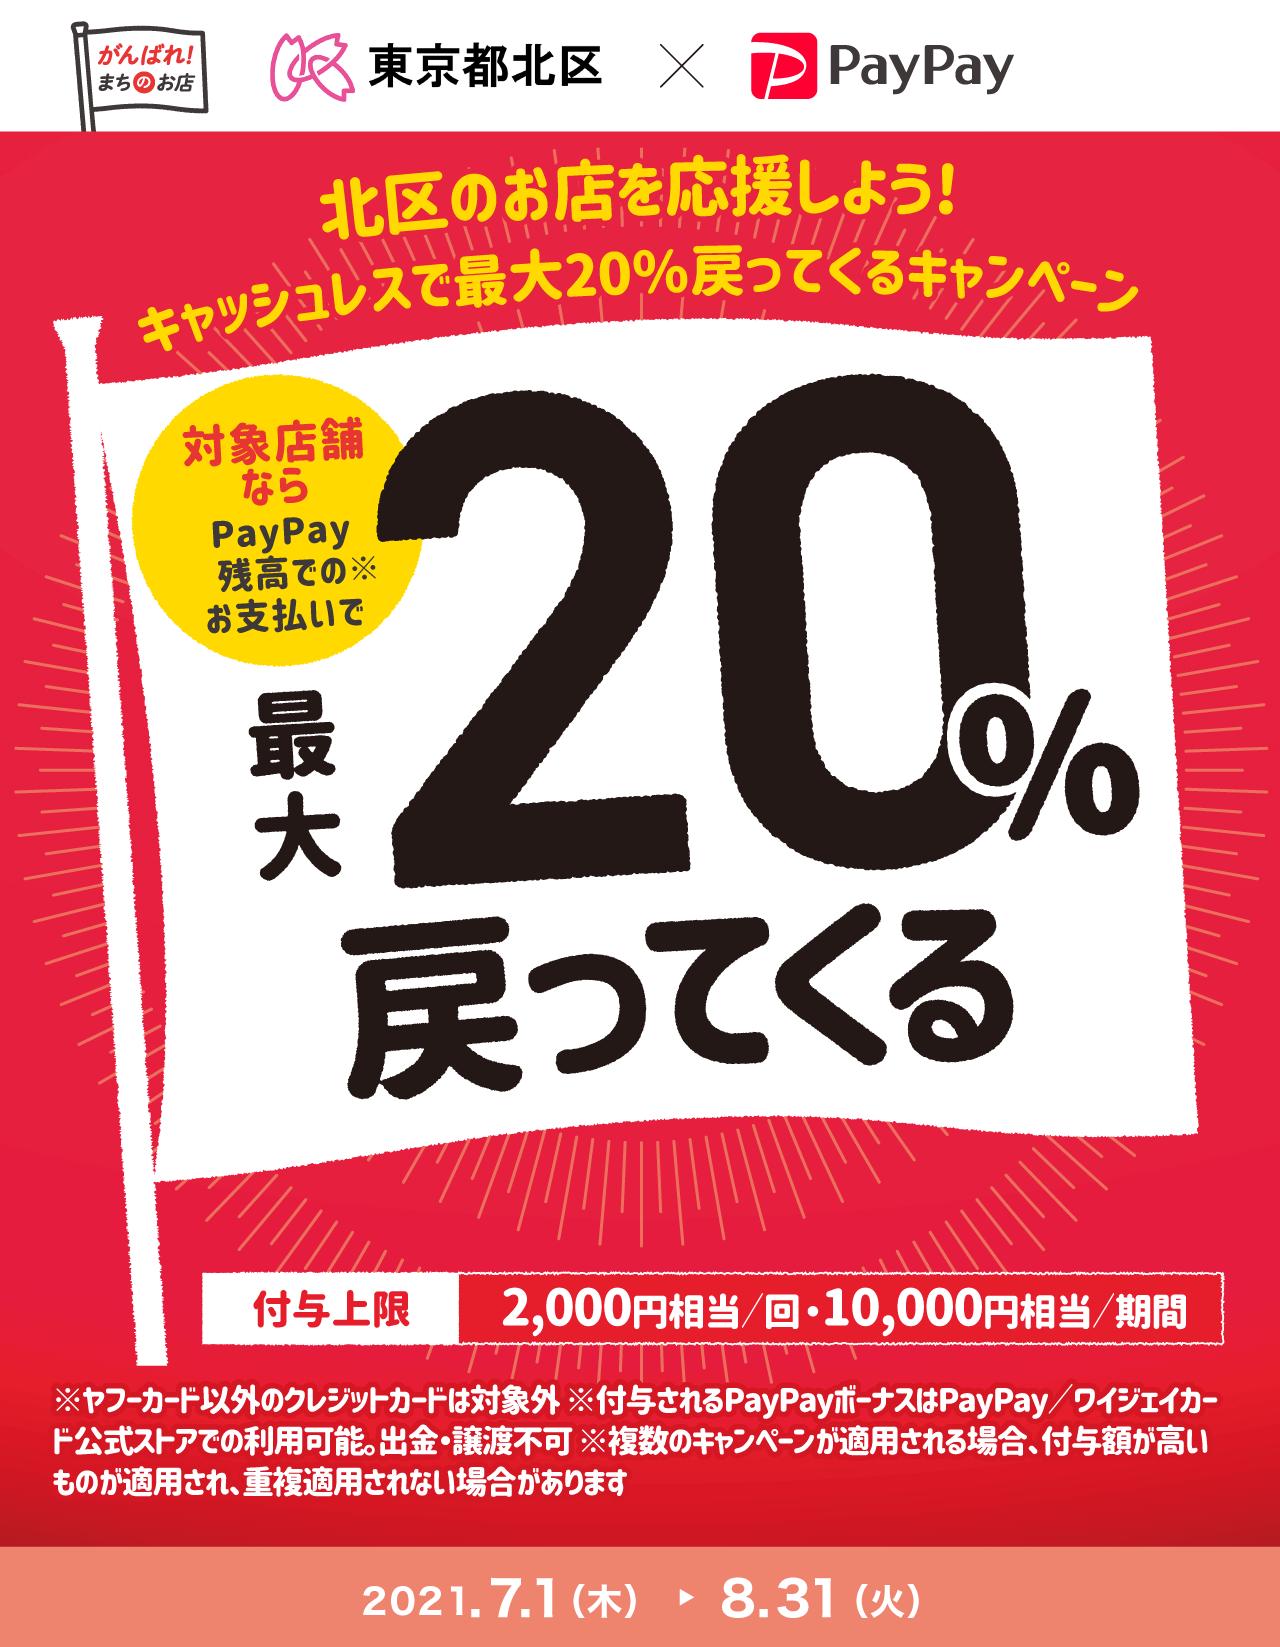 岩手県一関市でPayPay払いで最大20%バック。上限1回5000円相当、期間1万円相当バックまで。7/1~9/30。